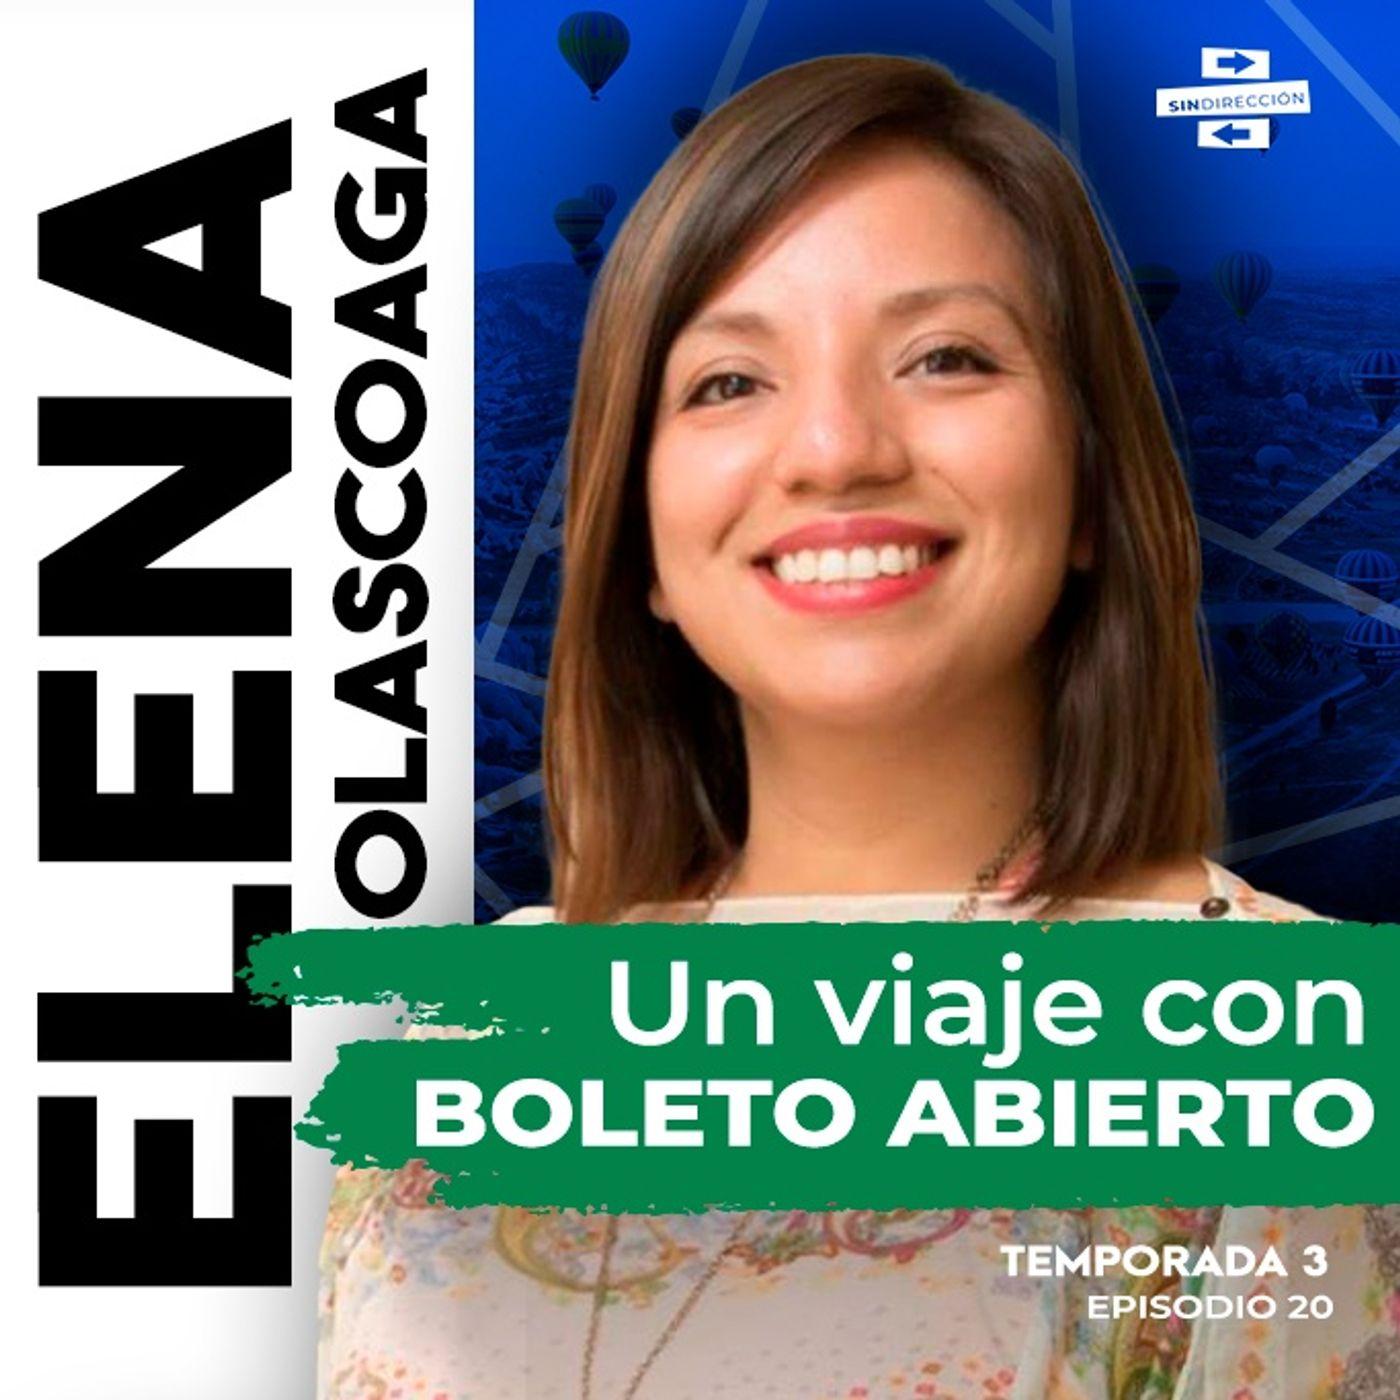 Un viaje con boleto abierto – Elena Olascoaga